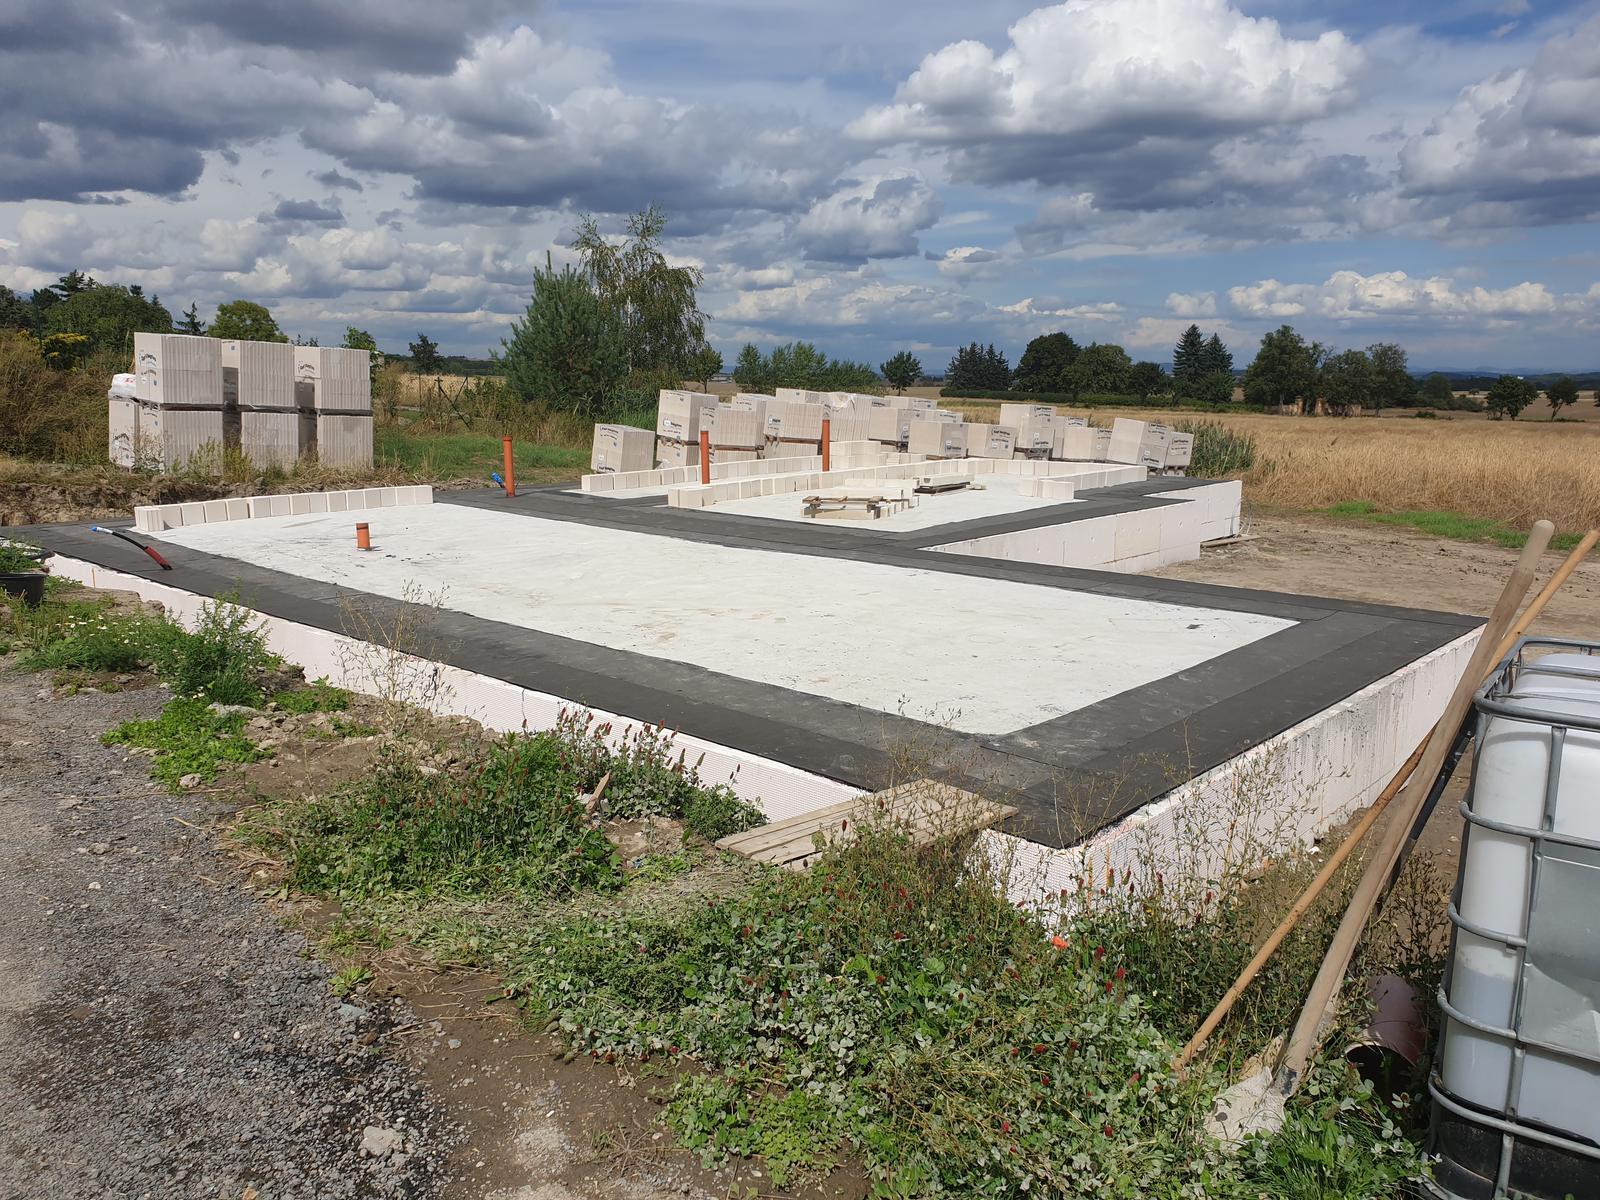 Bungalov s plochou střechou - Obrázek č. 60